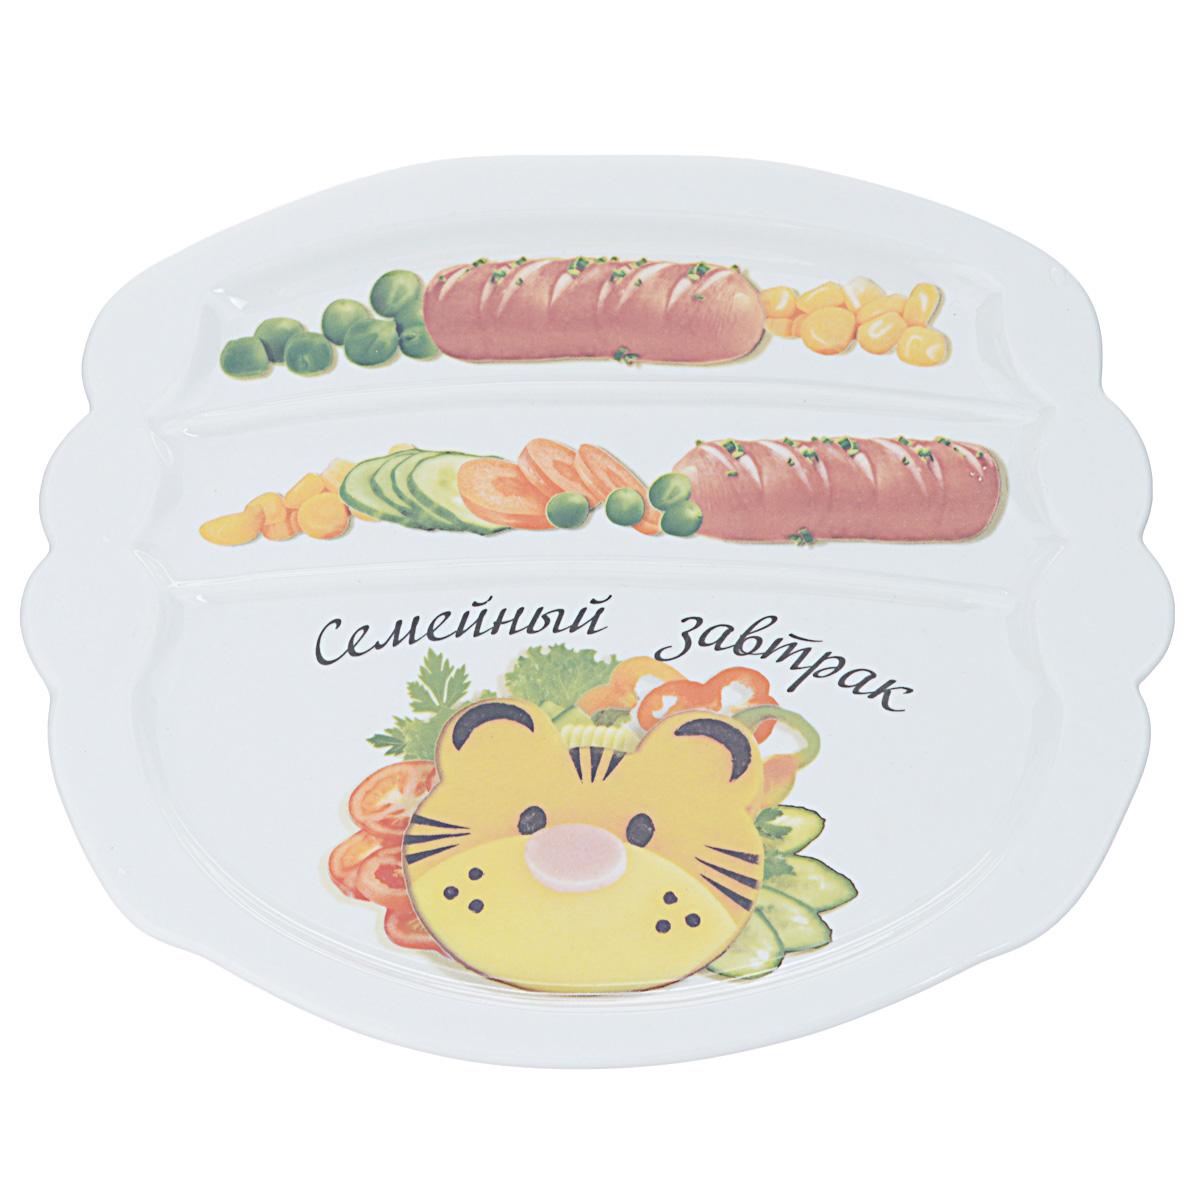 Тарелка для завтрака LarangE Семейный завтрак у тигра, 22,5 см х 19 см589-311Тарелка для завтрака LarangE Семейный завтрак у тигра изготовлена из высококачественной керамики. Изделие украшено изображением тигра из еды. Тарелка имеет три отделения: 2 маленьких отделения для сосисок и одно большое отделение для яичницы или другого блюда. Можно использовать в СВЧ печах, духовом шкафу и холодильнике. Не применять абразивные чистящие вещества. Размер тарелки: 22,5 см х 19,5 см х 1 см.